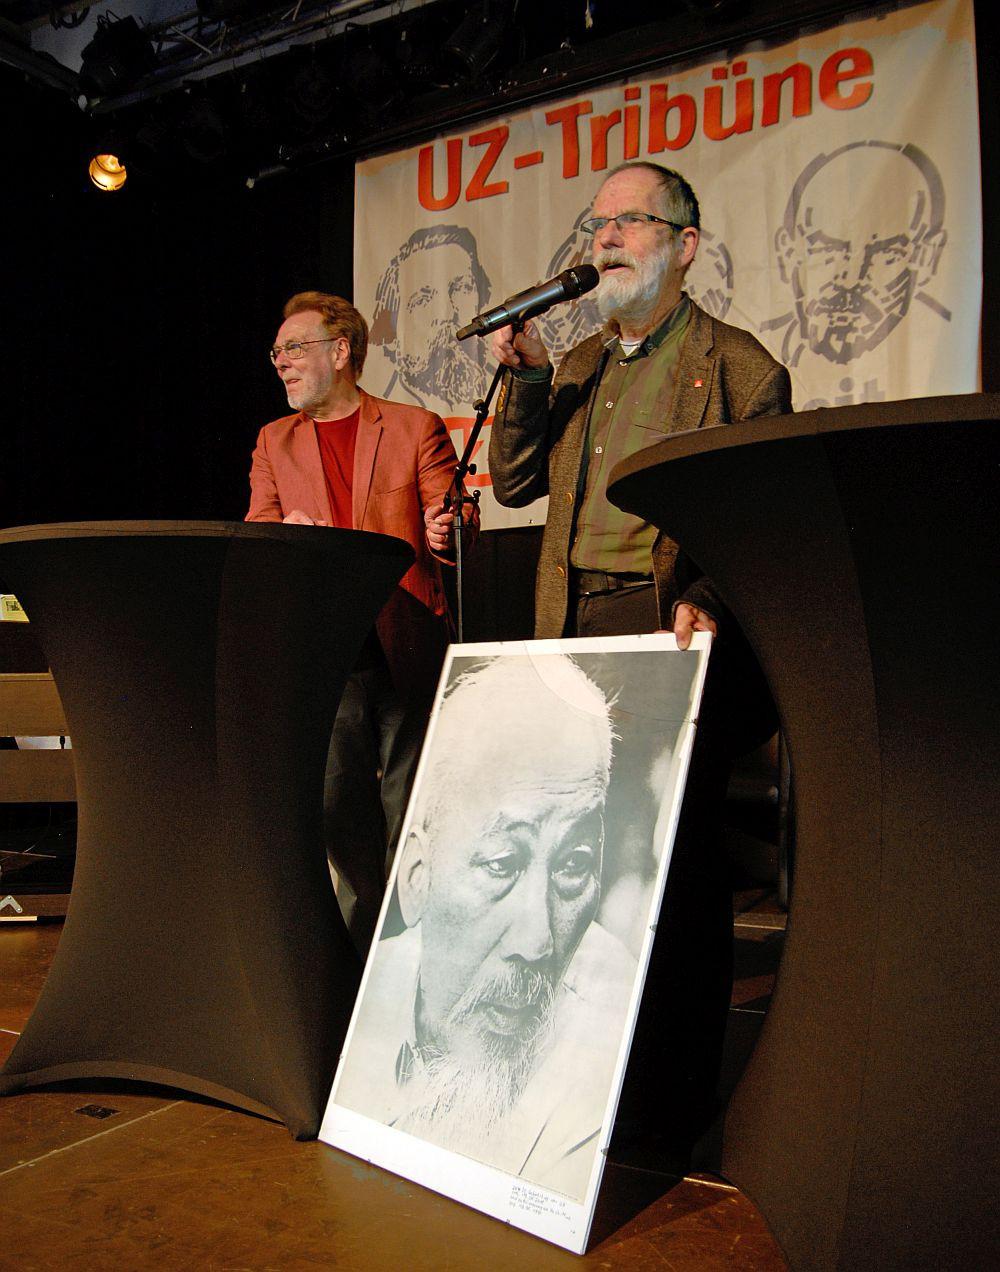 Ein Vorbild zum Geburtstag: Stefan Kühner (r.) schenkte UZ ein Porträt von Ho Chi Minh, das so alt ist wie die Zeitung.